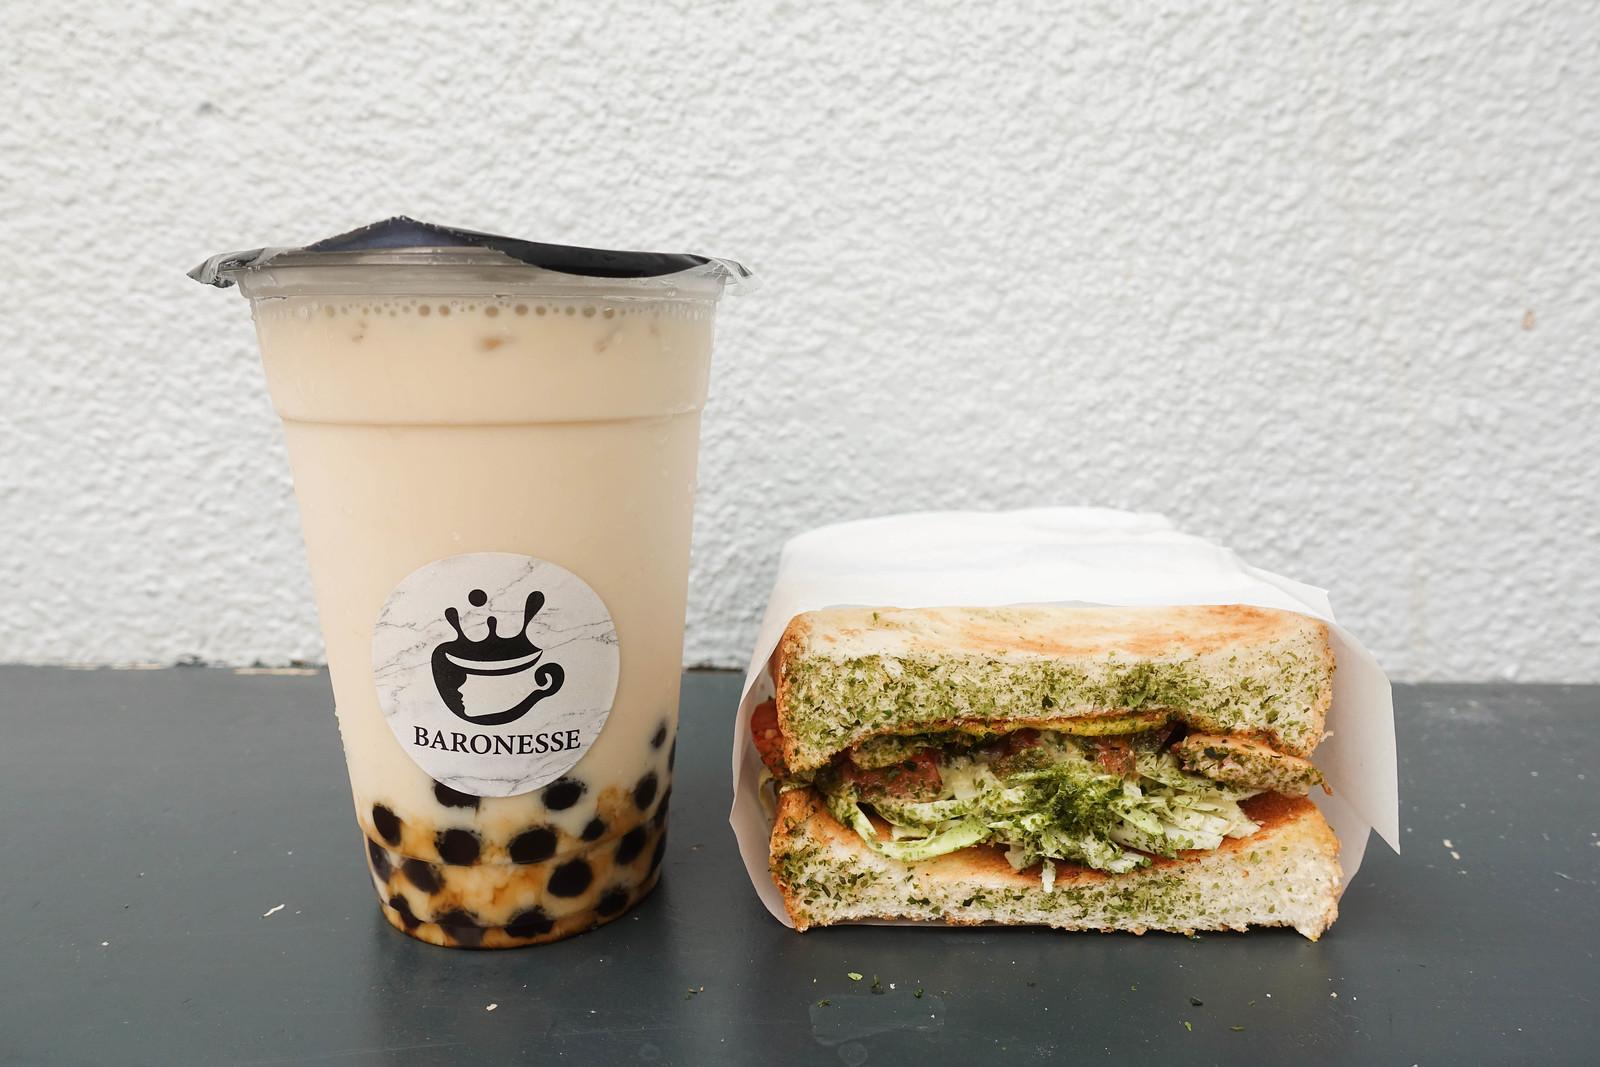 【台北美食推薦】捷運南京復興美食懶人包-步行即可抵達的平價小吃與餐廳分享 @J&A的旅行